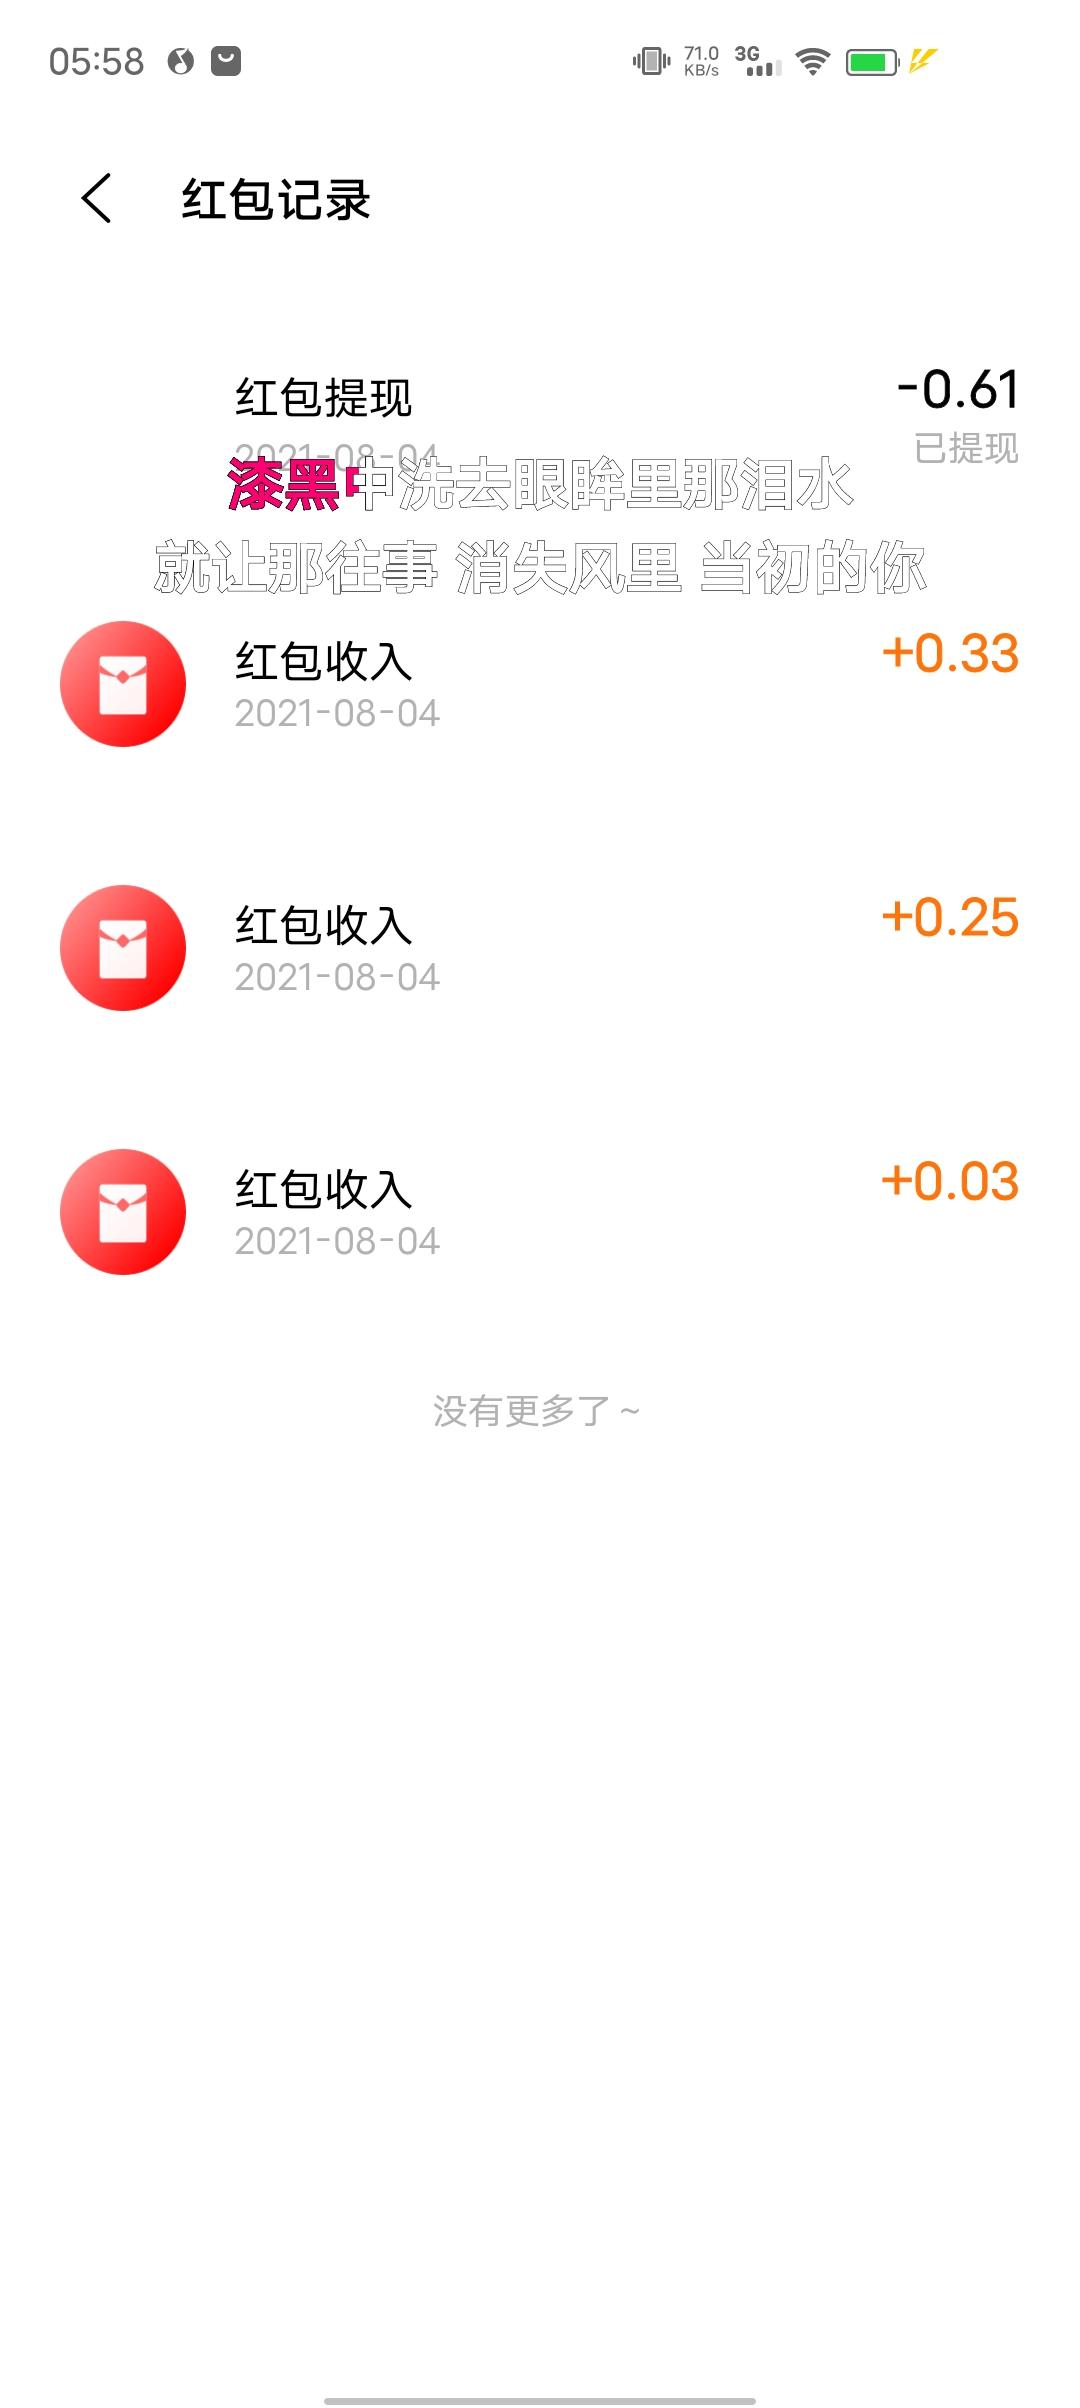 【提现红包现金】vivo手机用户应用商店活动下载应用领取现金插图5